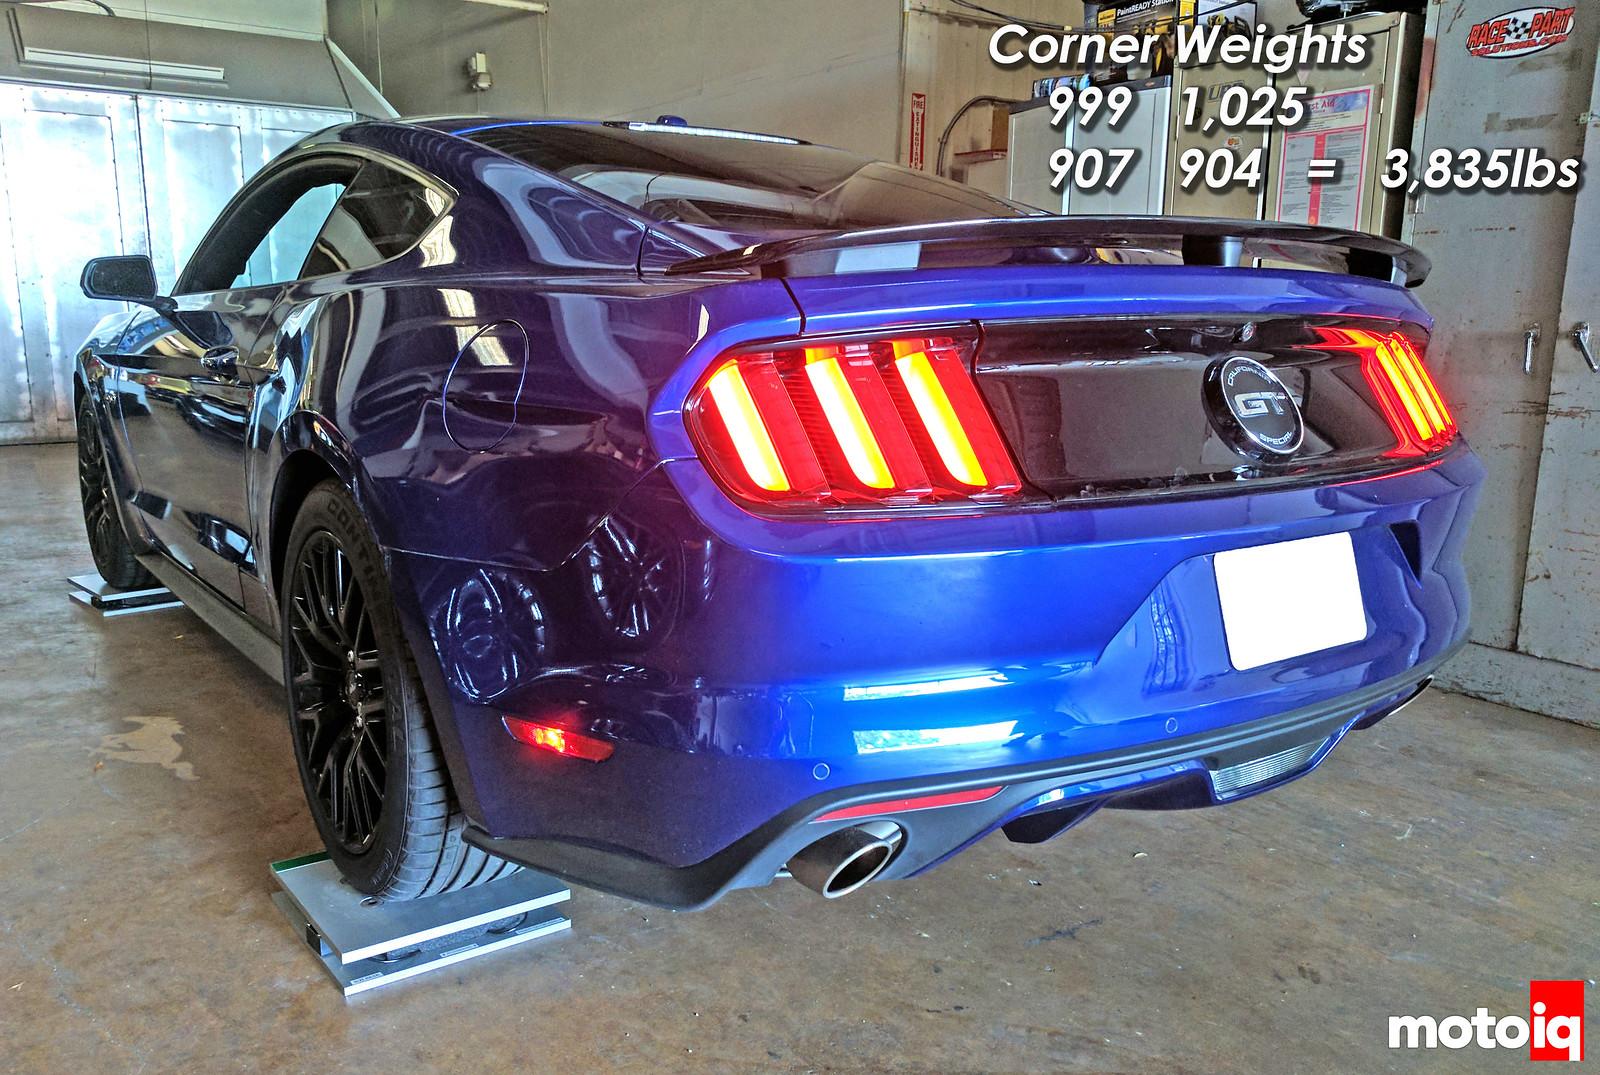 2016 Mustang GT CS scales corner weight